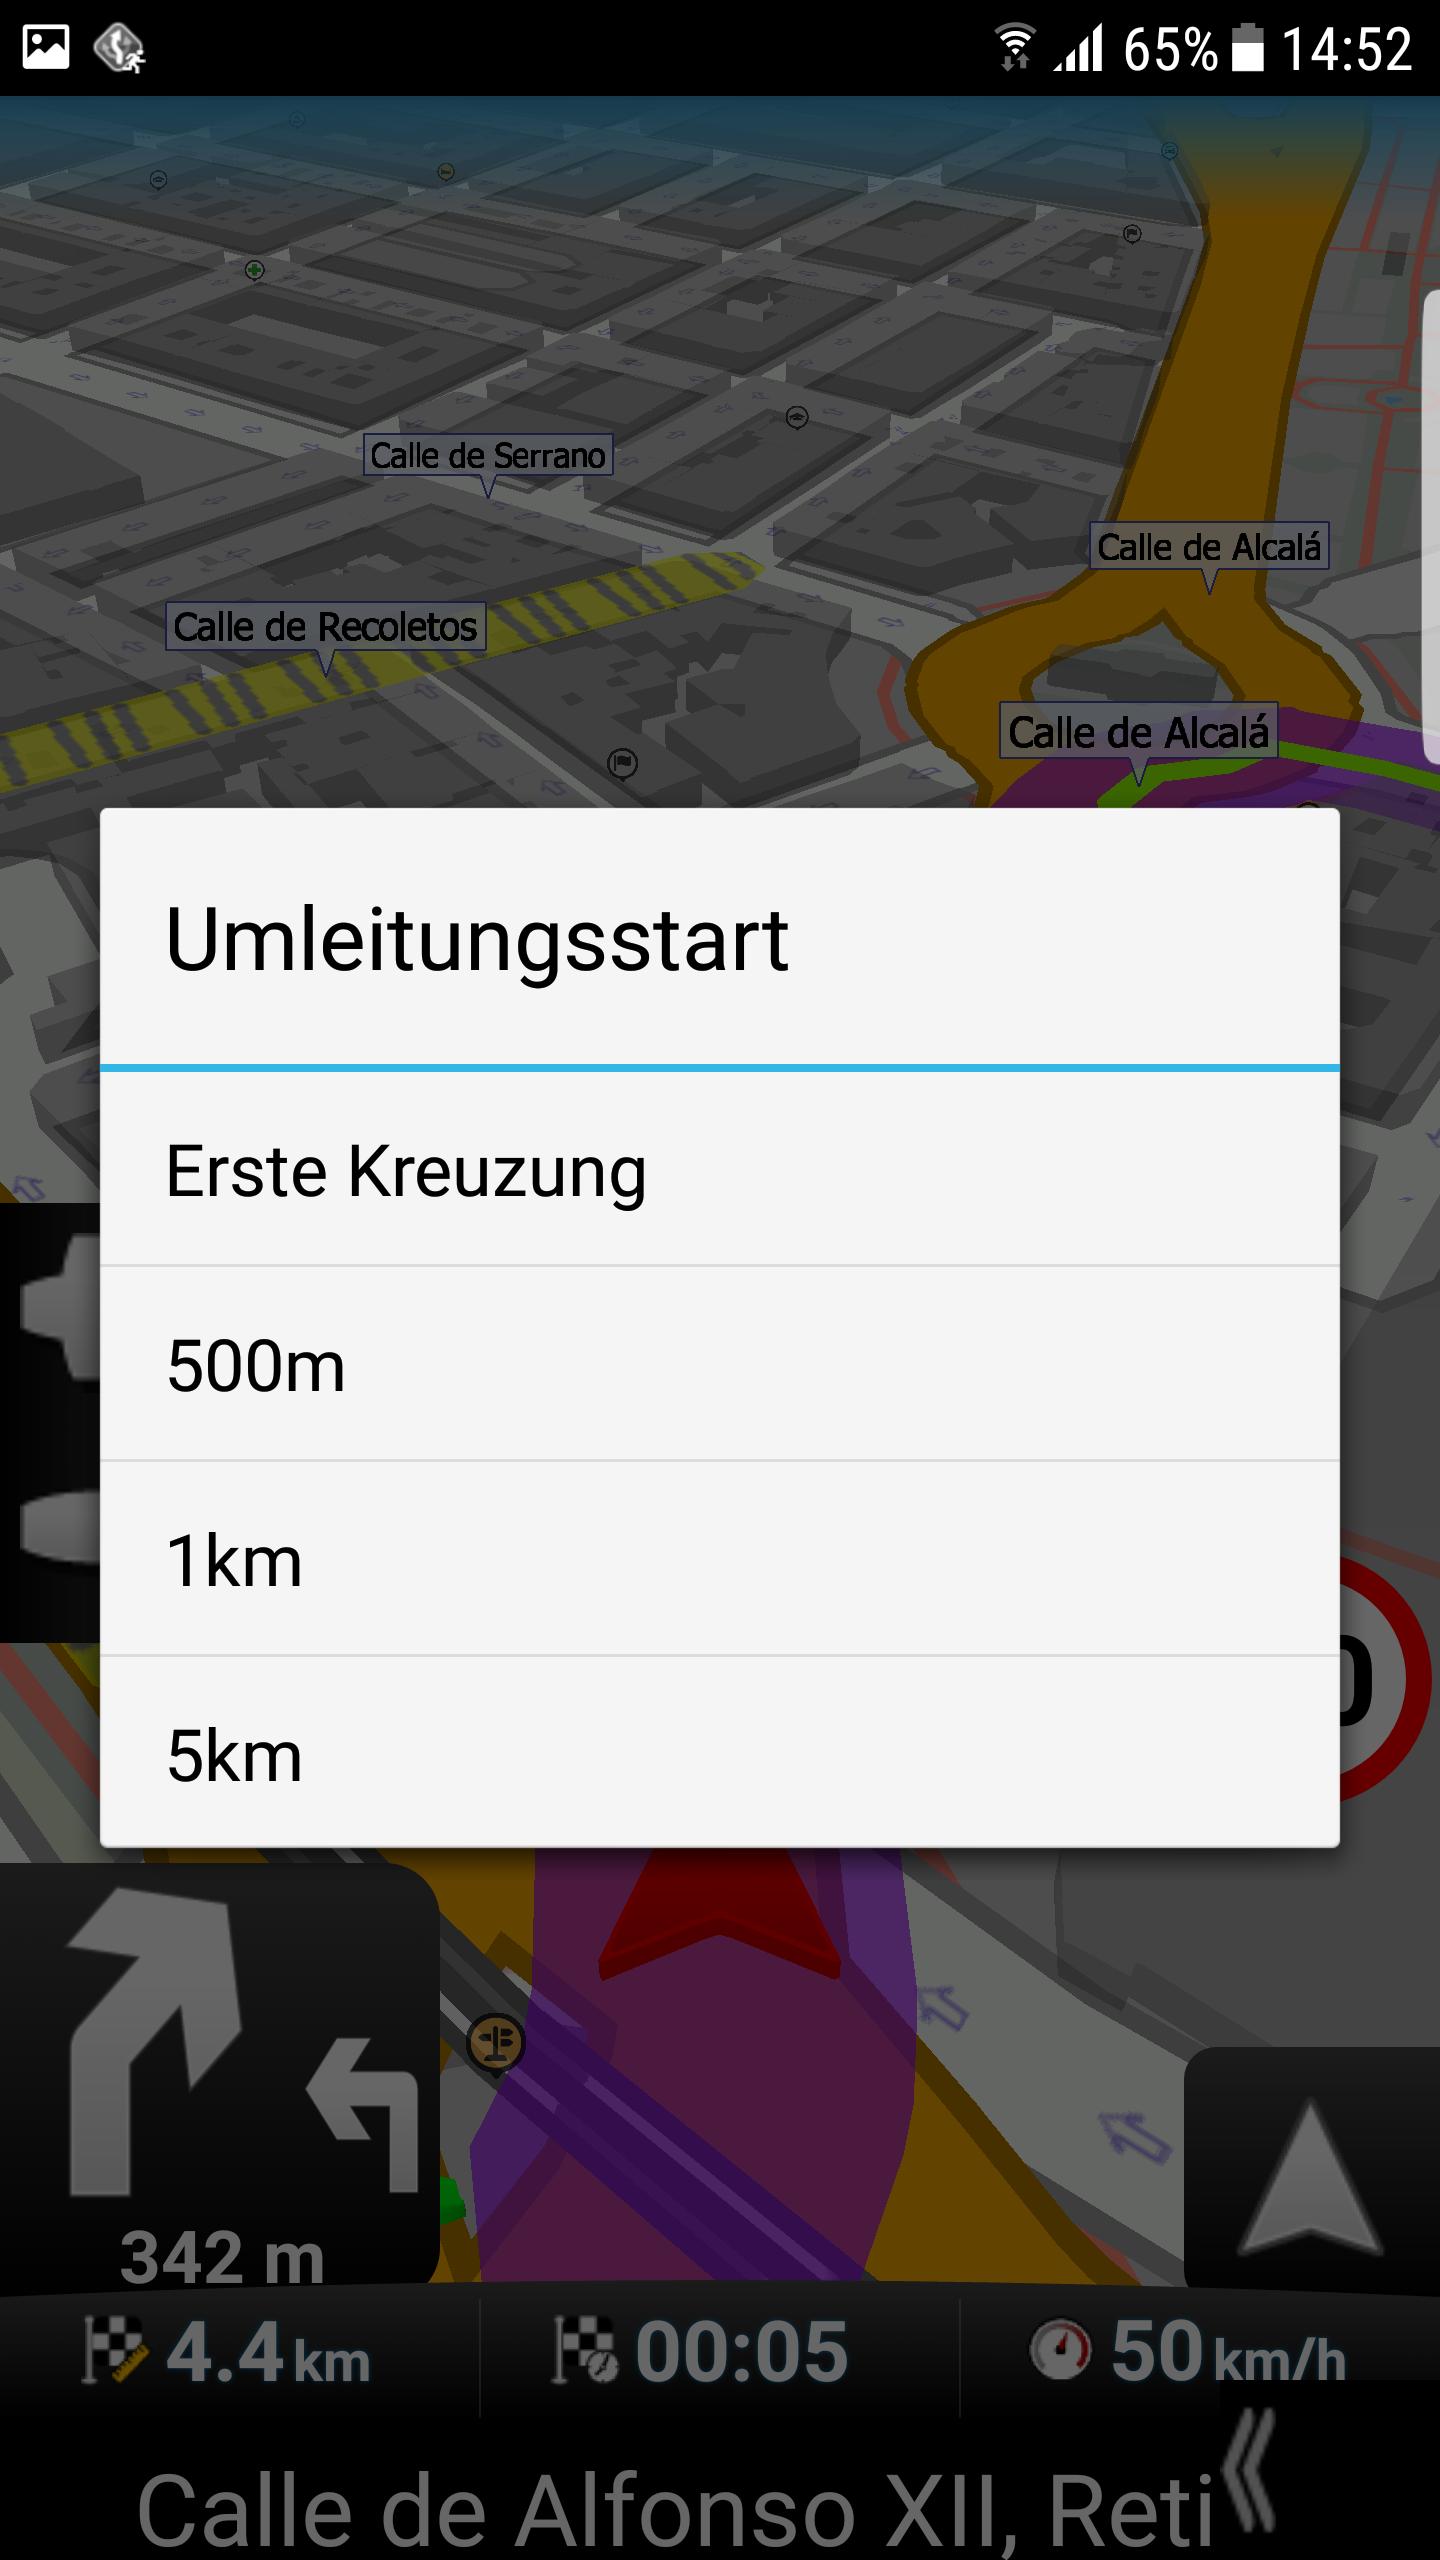 mapFactor Navigator 3.1 - Umleitung